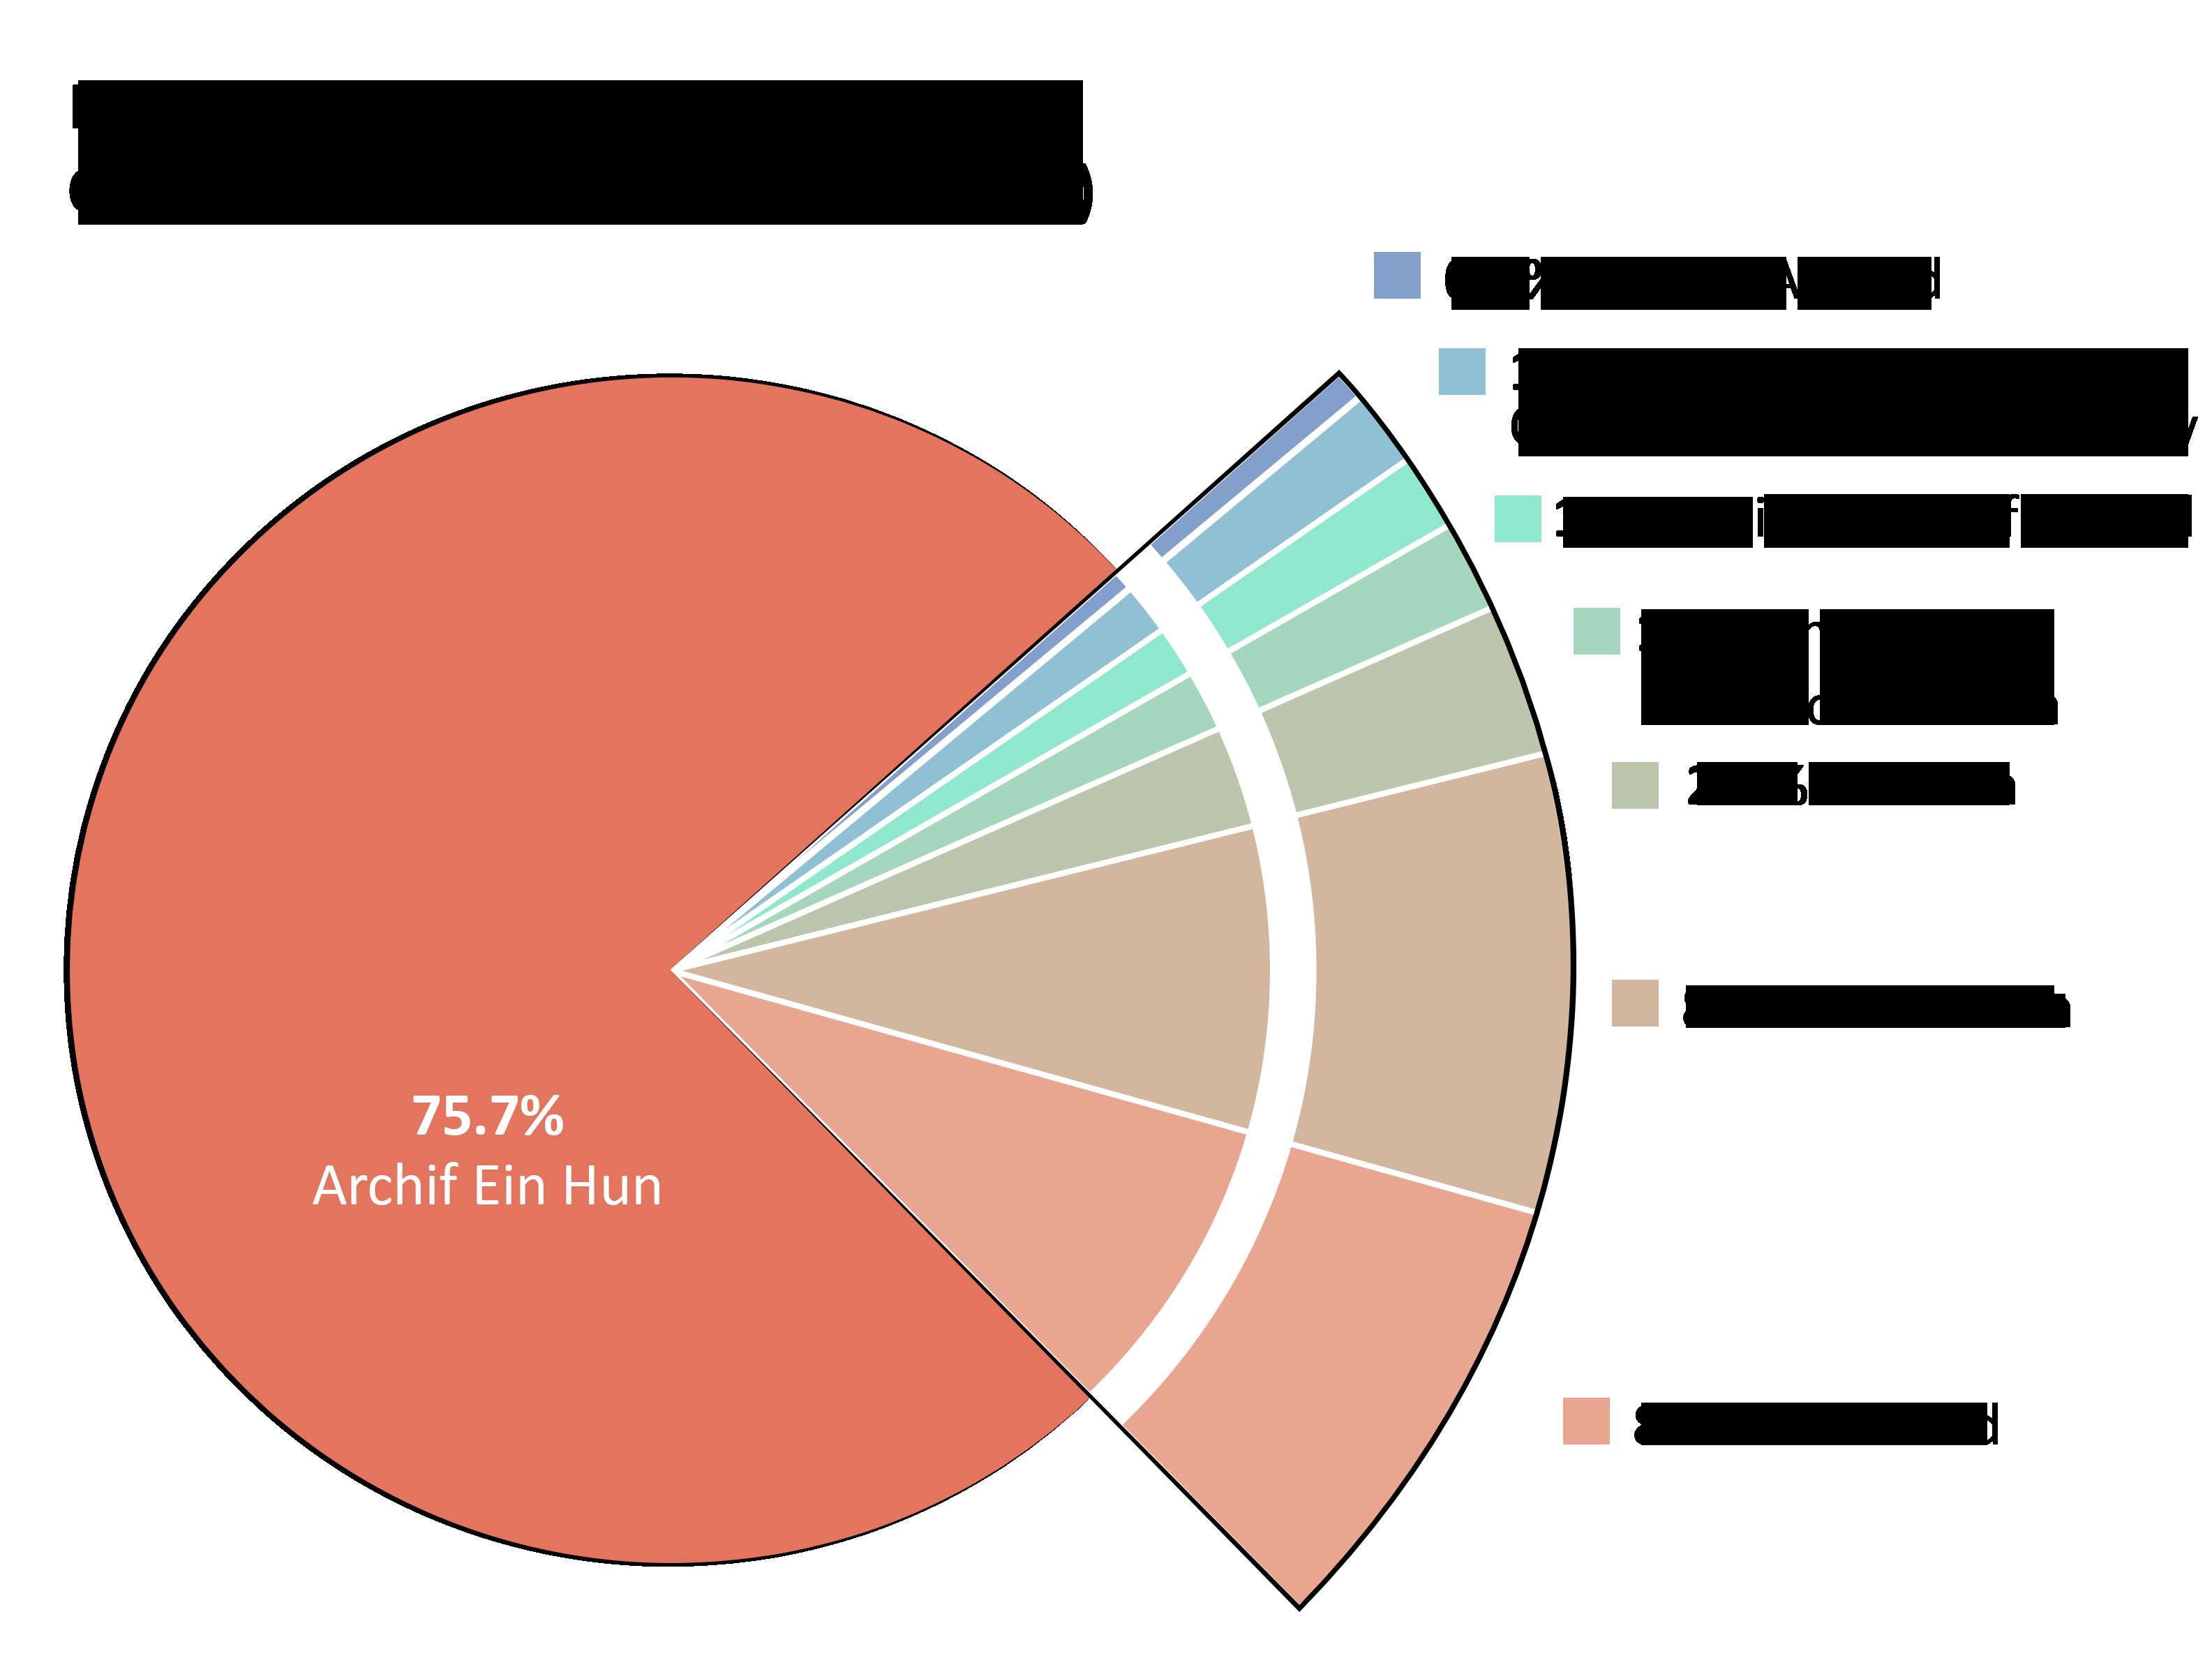 Costiau yn nhrefn prosiectau: Archif Ein Hun: 75.7%. Drysau Agored: 0.5%. Diwyllianau a Chyfryngau Trawsffurfiadwy: 1.5%. Ffanllên: 2.7%. Eiriolaeth Cyfreithiol: 1.2%. Ymestyniad Confensiwn: 1.8%. Gweiniad: 8.4%. Codi Arian: 8.2%.